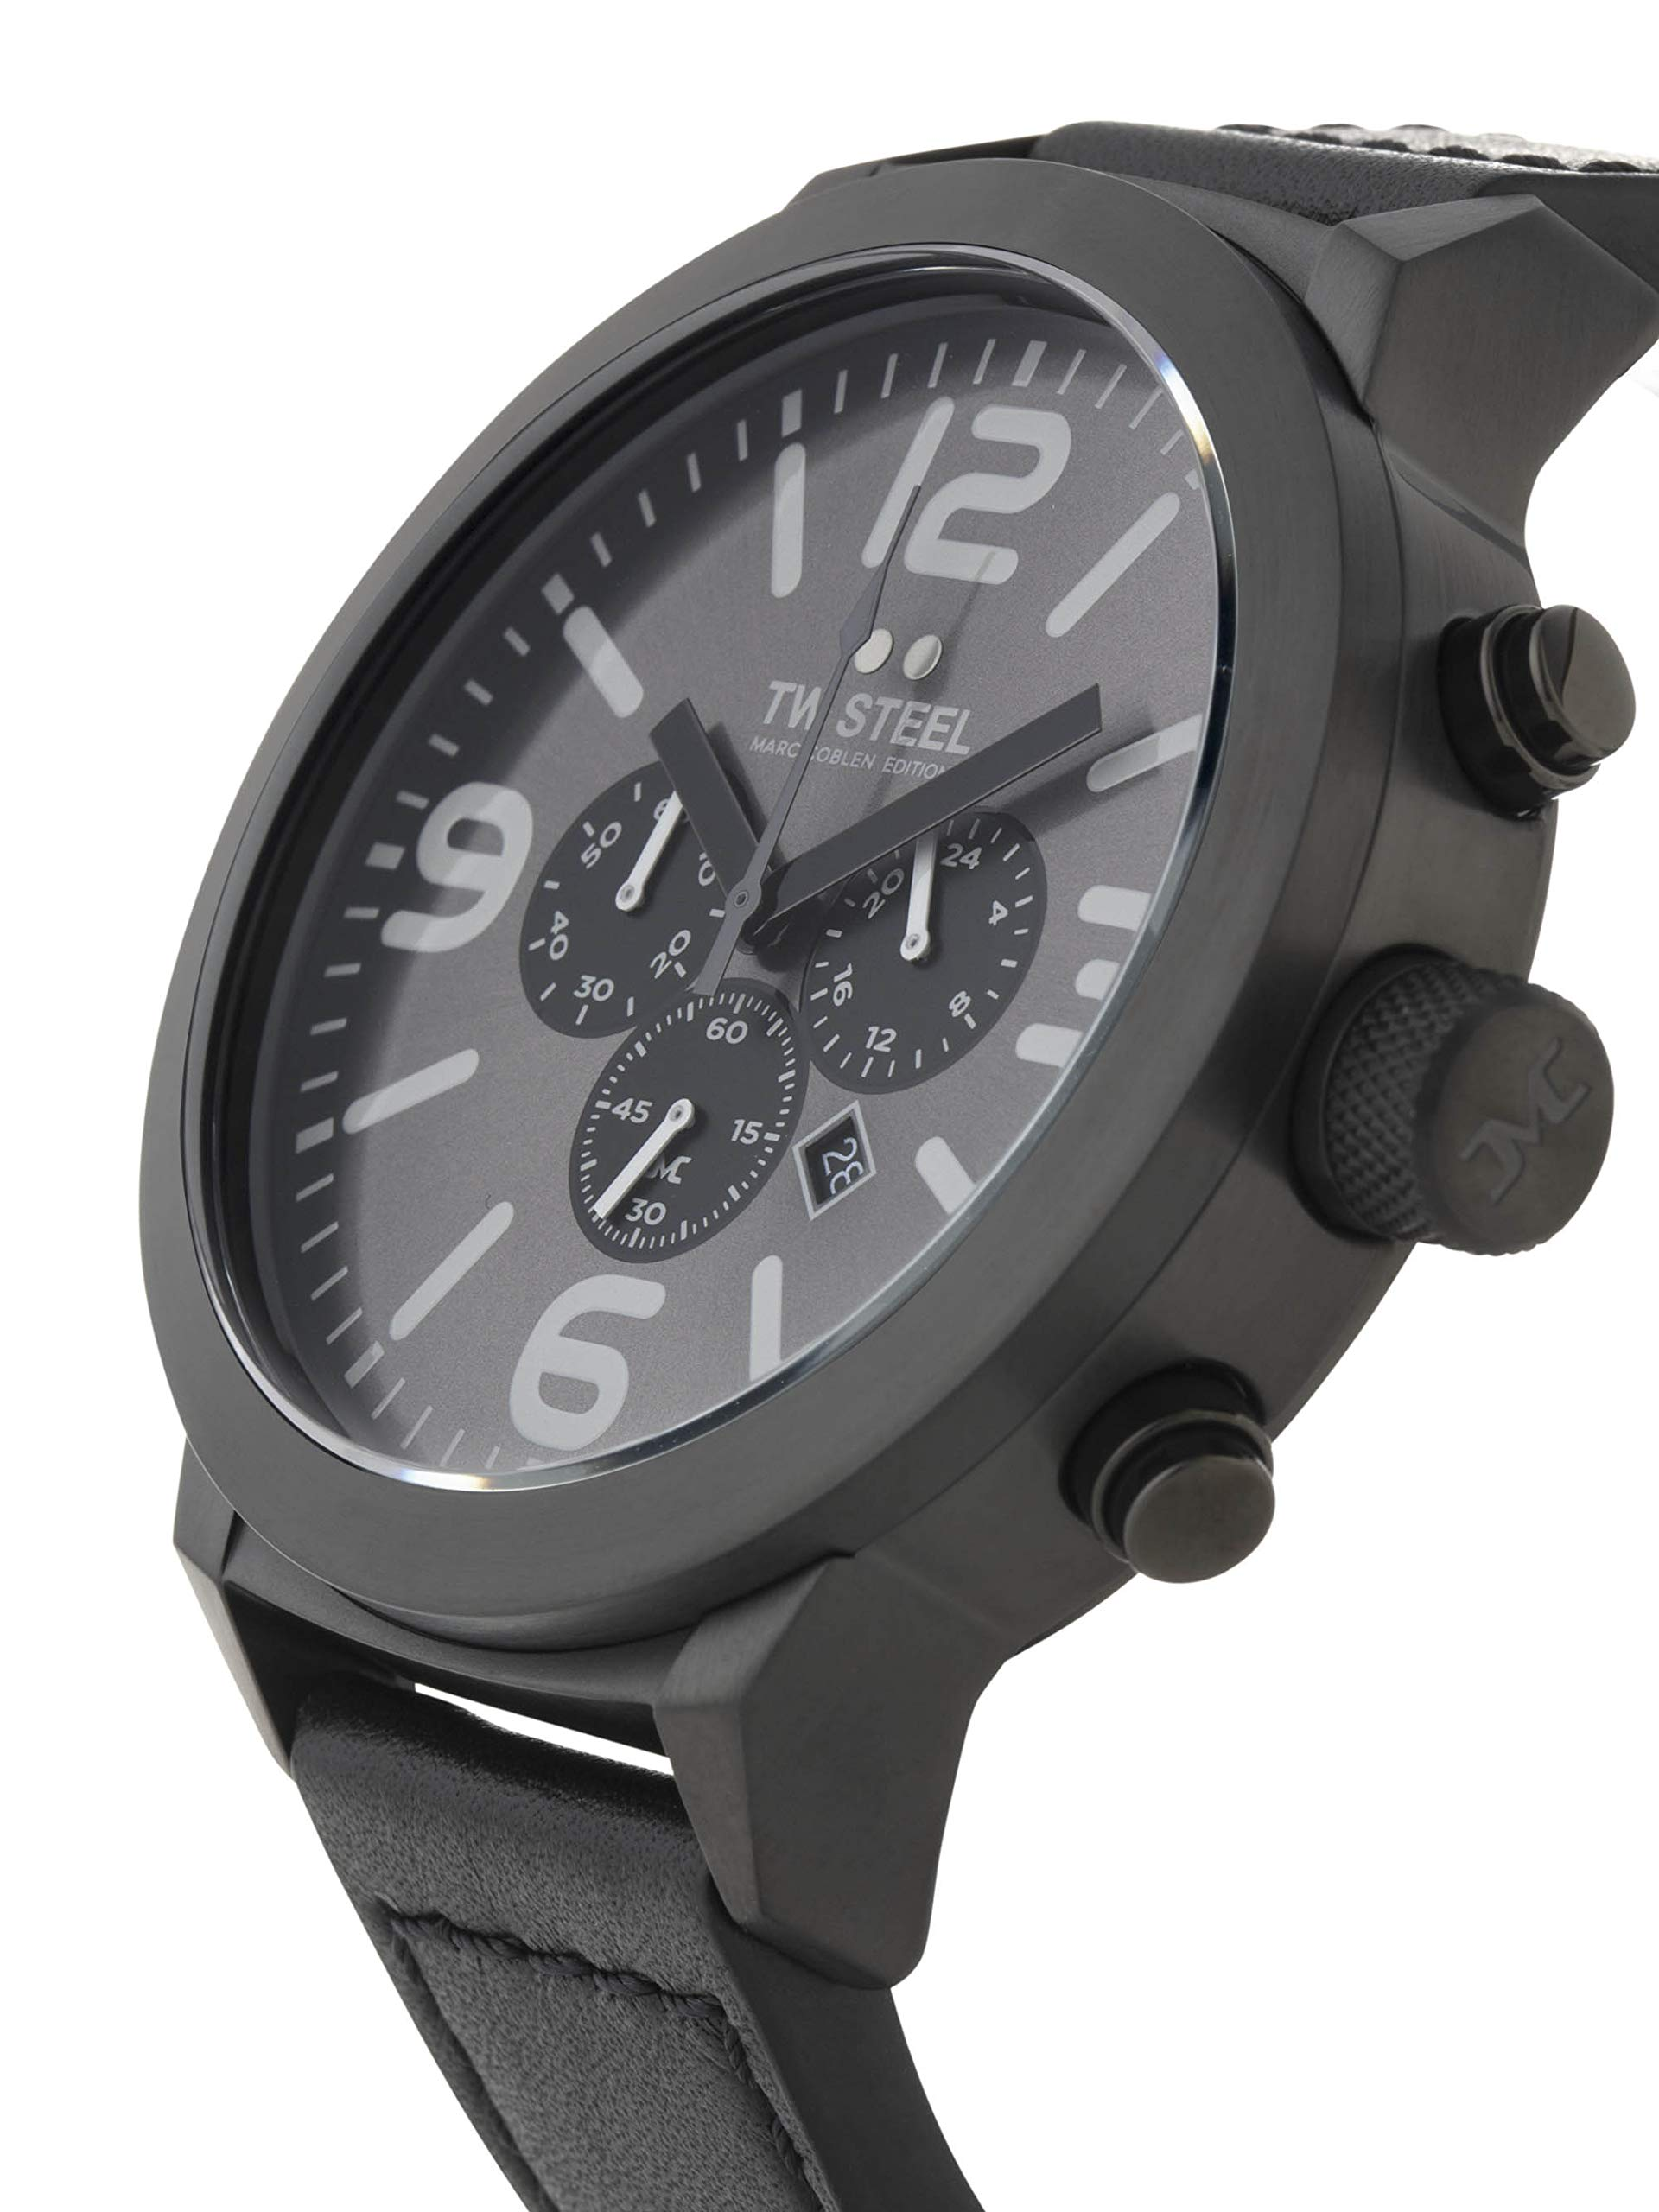 TW-Steel-Marc-Coblen-Edition-Chrono-mit-Lederband-und-Datum-Edelstahl-Stoppuhr-XXL-50-MM